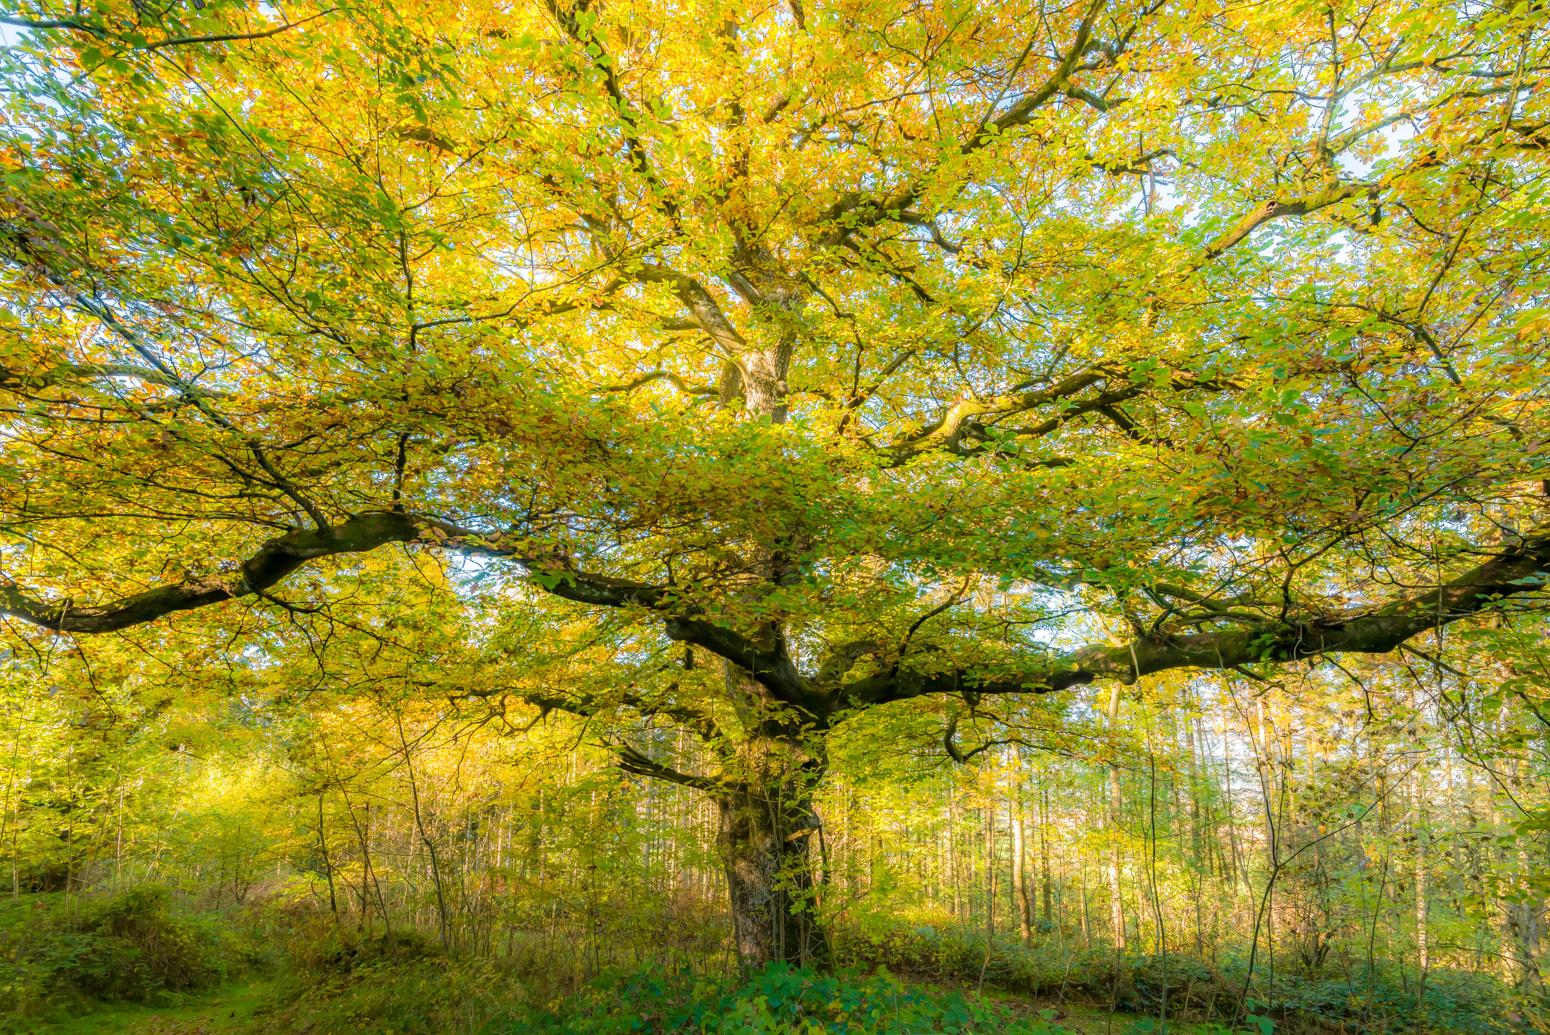 Zytynski-Just-Oak-7.jpg